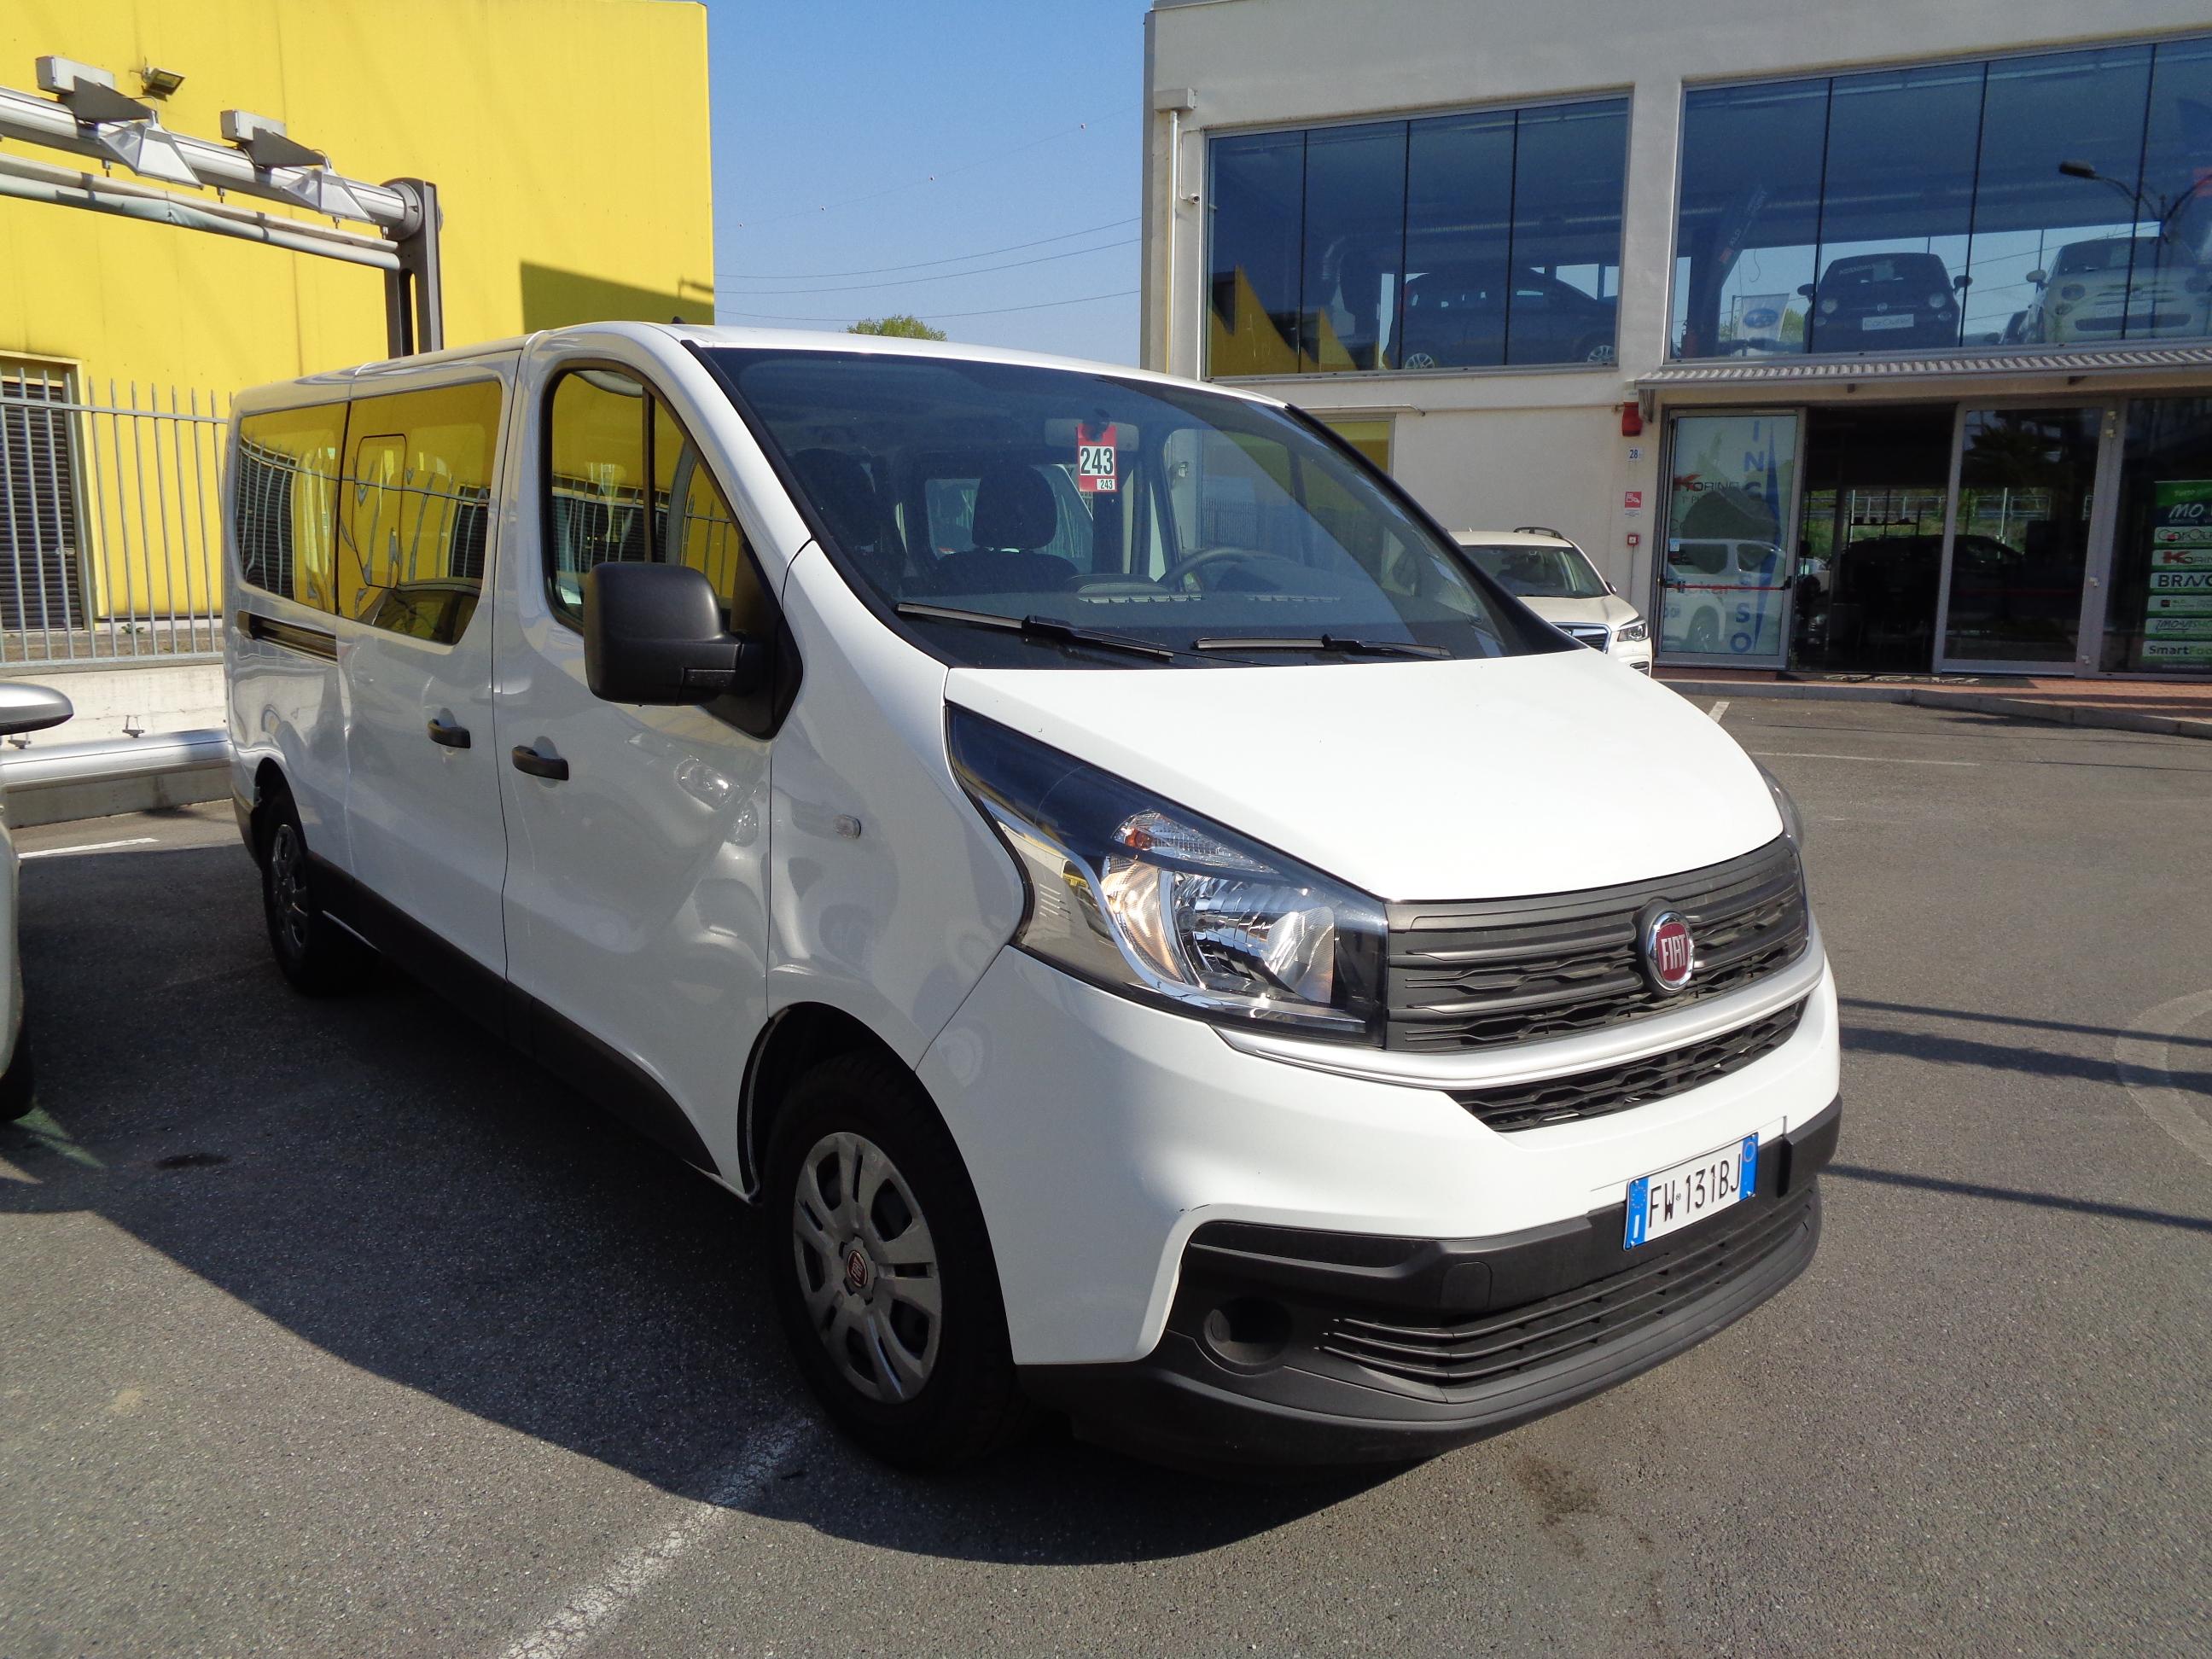 FIAT Talento 1.6 MJT 120CV PL-TN Combi 12q (9 posti) Diesel usata